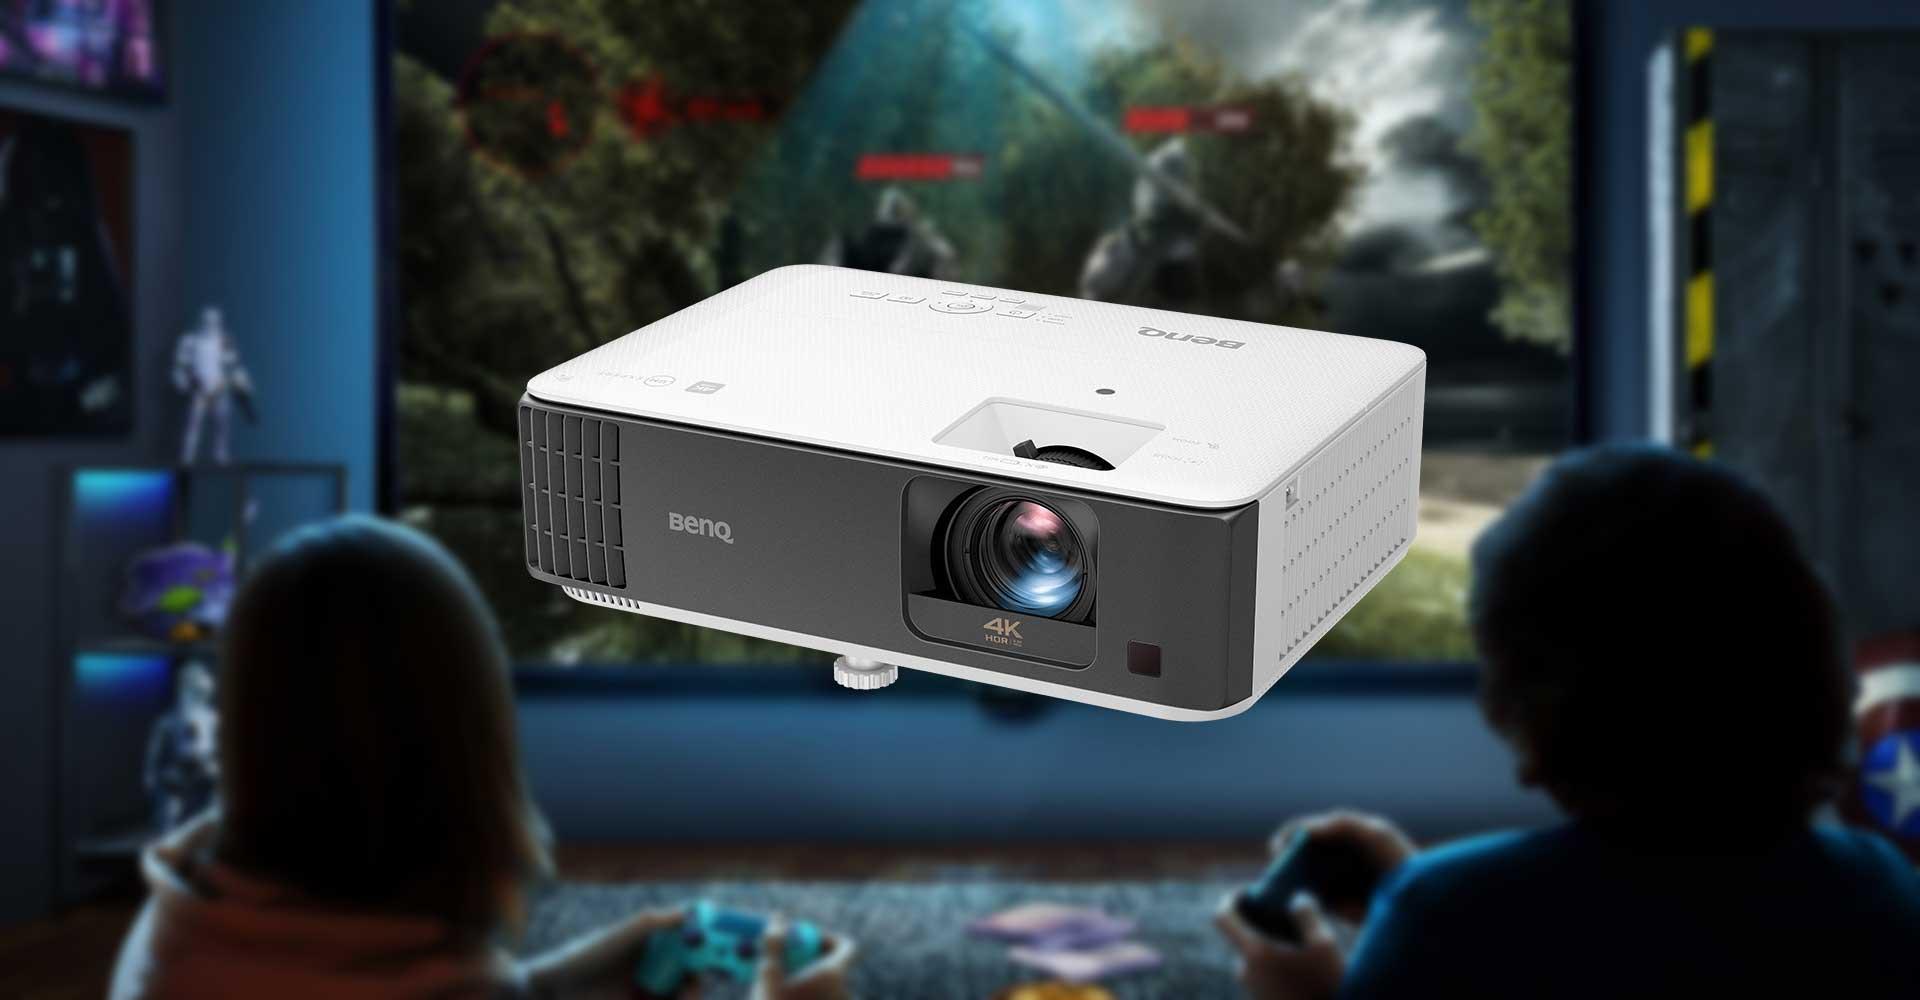 proyector gaming 4k benq